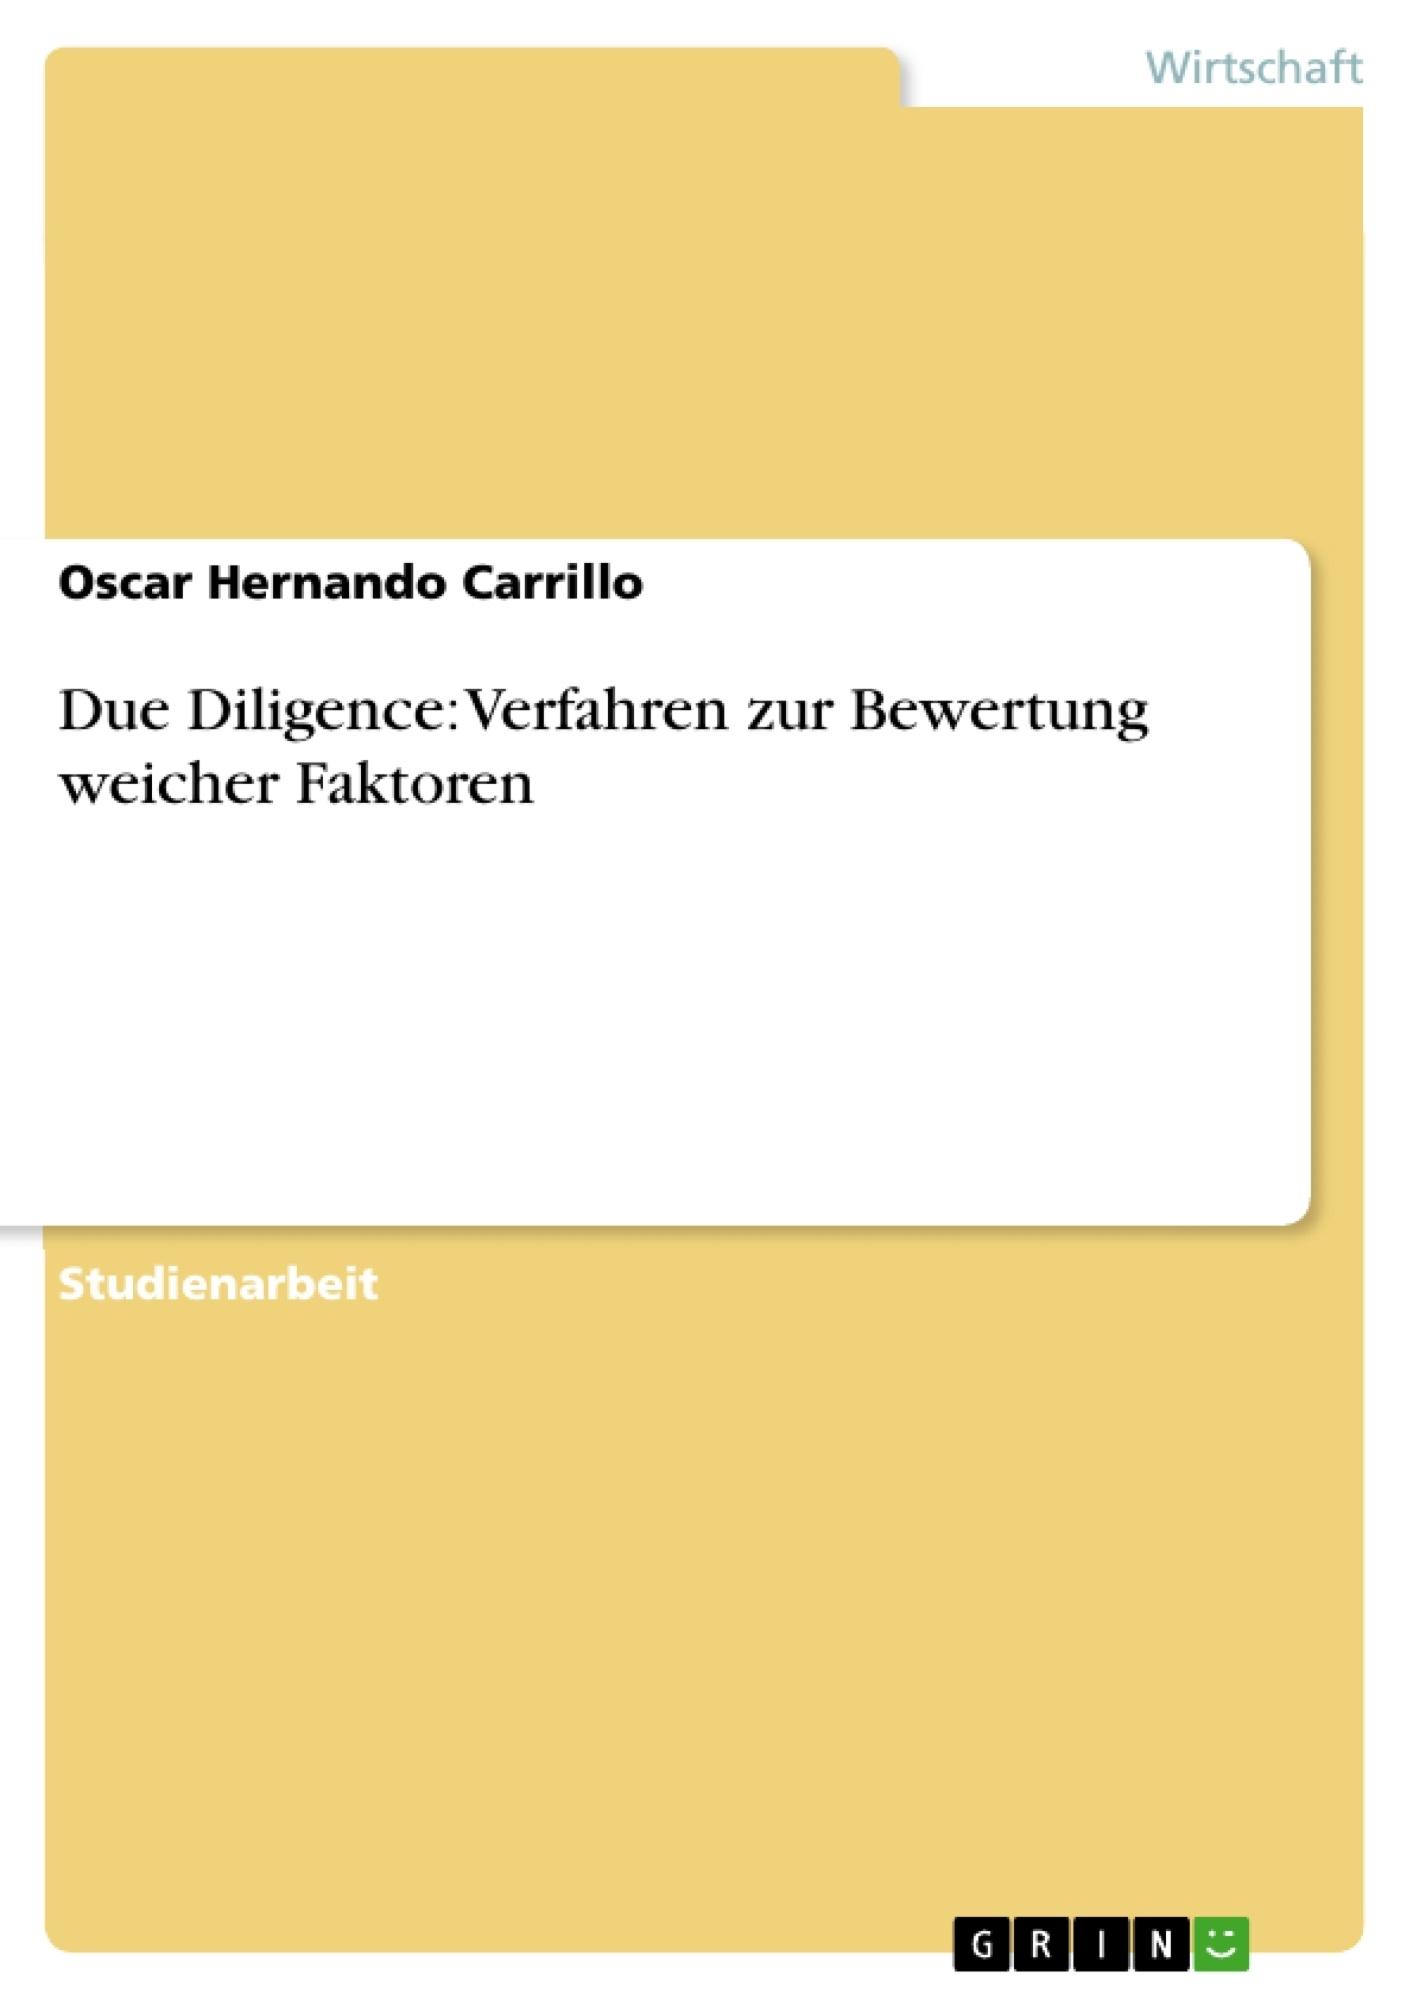 Titel: Due Diligence: Verfahren zur Bewertung weicher Faktoren